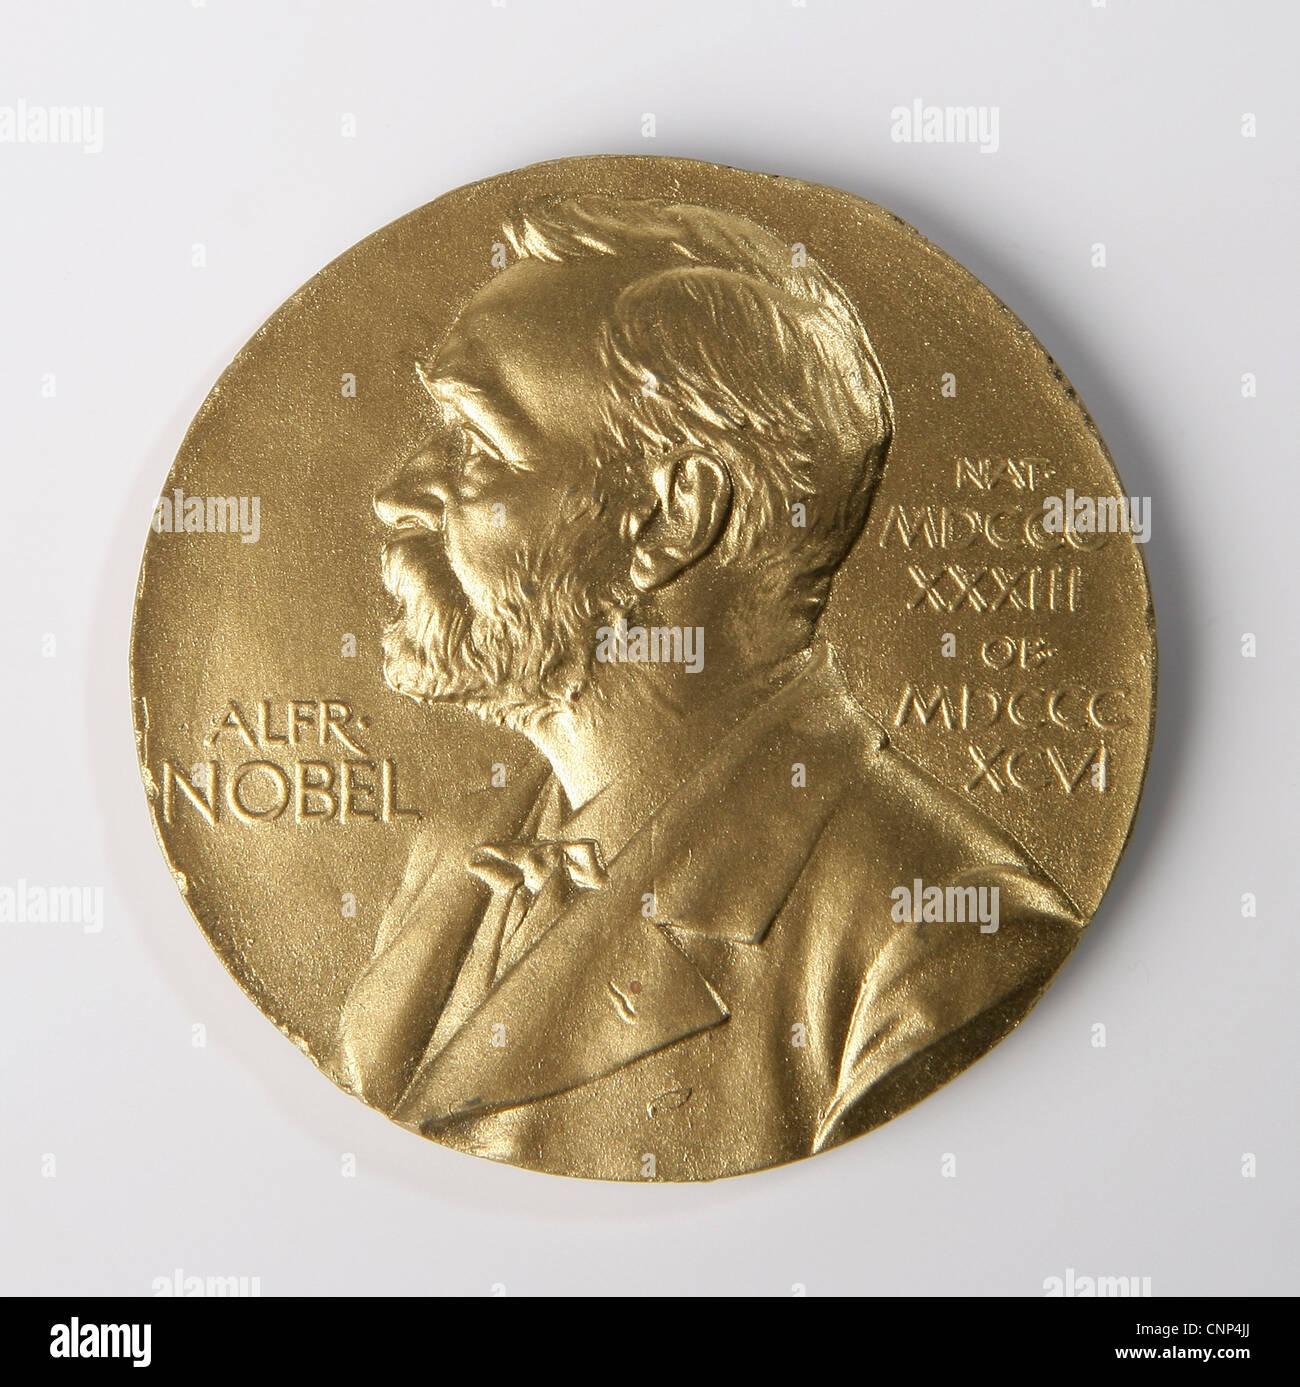 Nobelpreis, Nobel Prize, Medaille, Alfred, Gold, Wissenschaft, vorne Stockbild